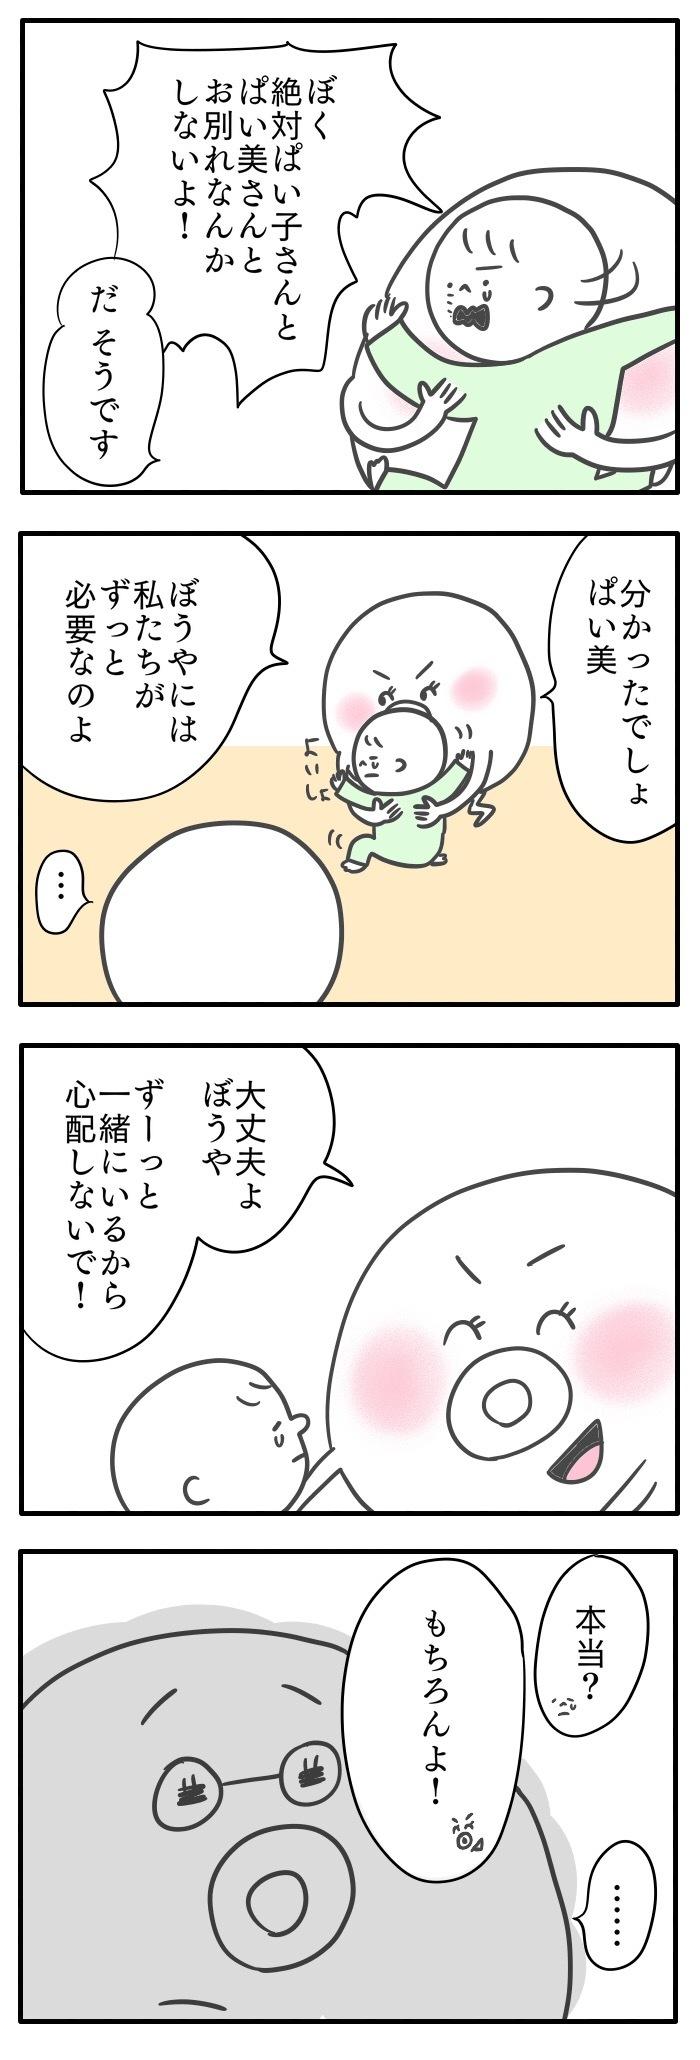 """ぼうやの卒乳を考えるのは""""愛情不足""""なの?/おっぱいとぼく2【16話】の画像2"""